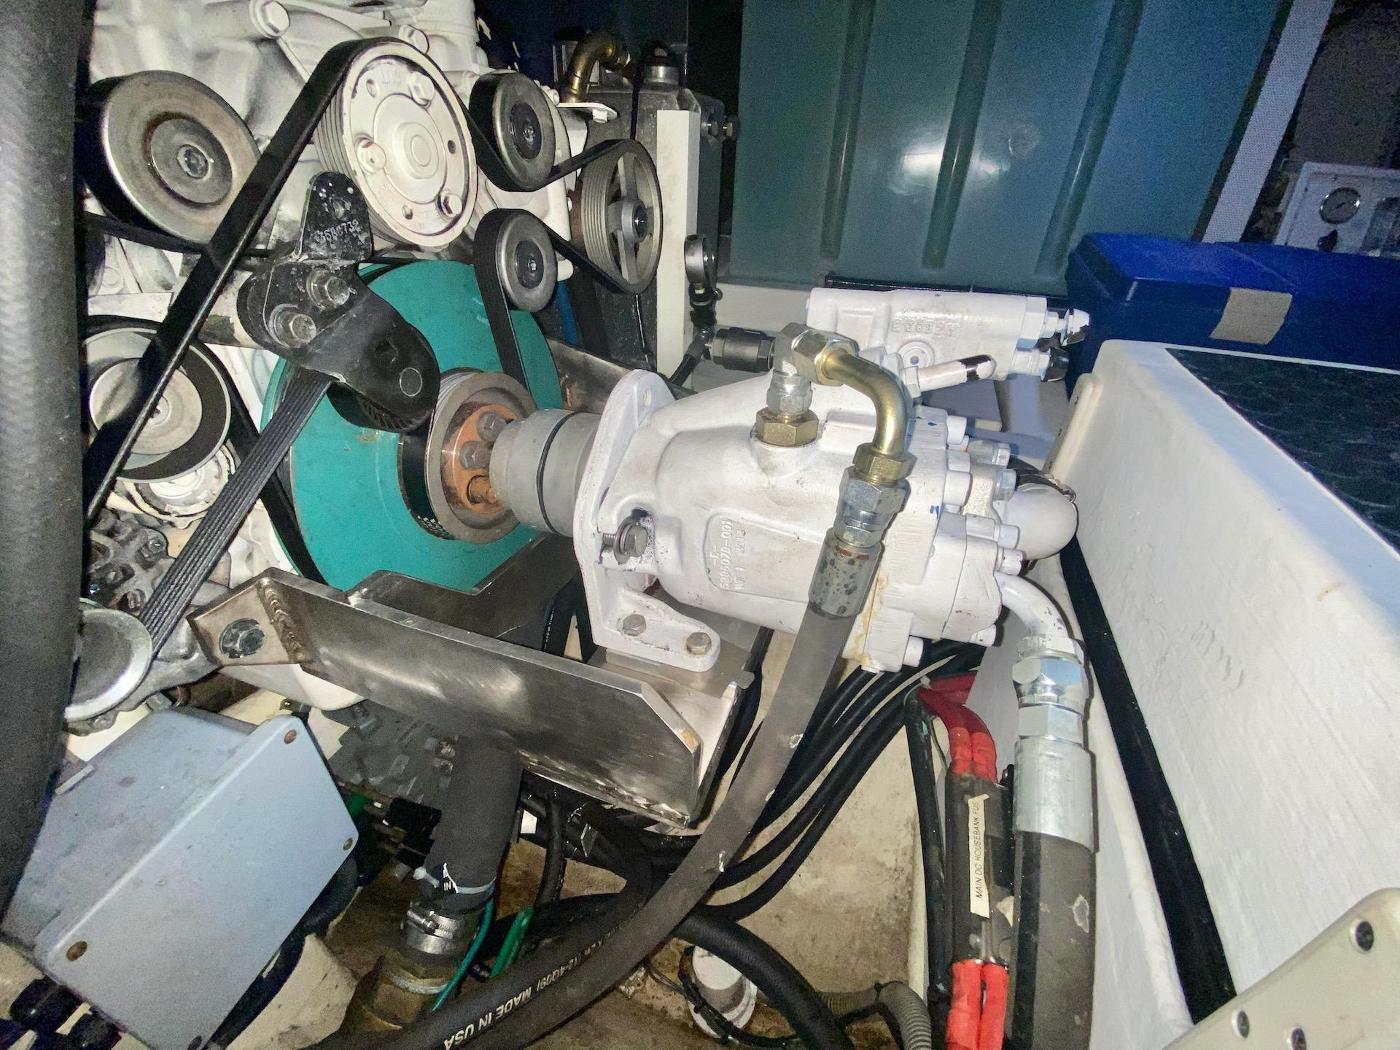 2010 Bracewell 41, Hydraulic Pump